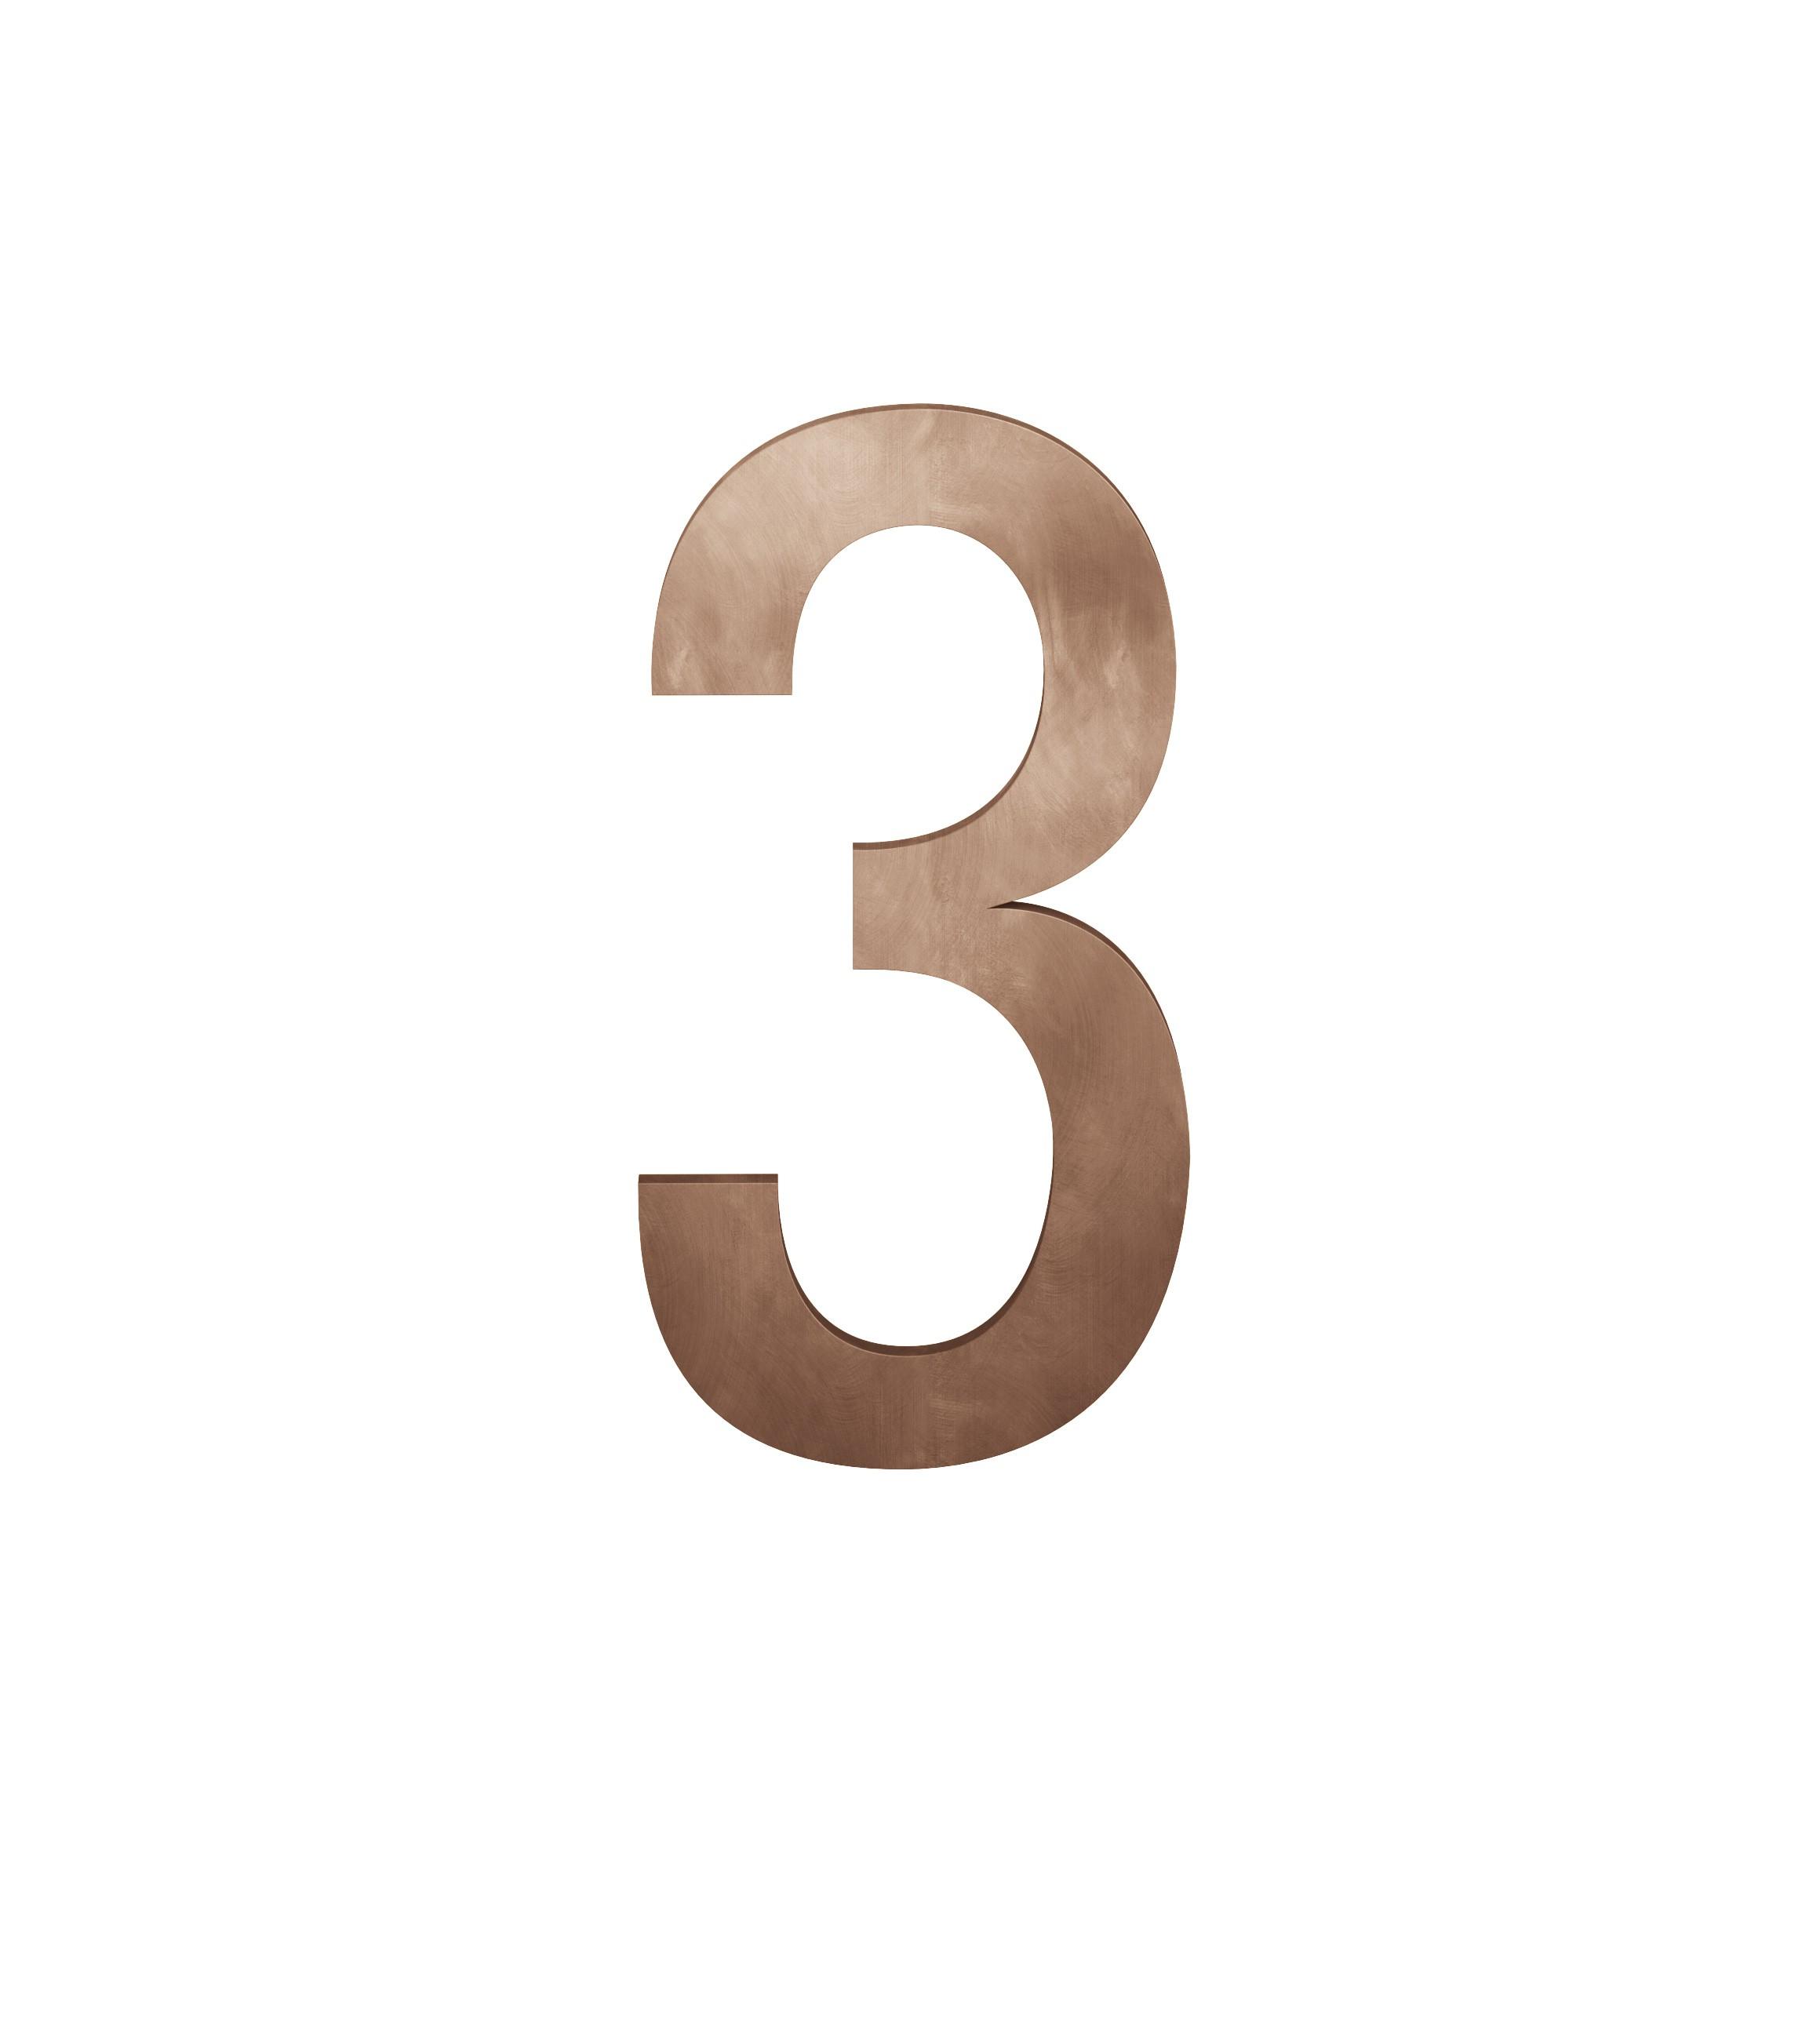 FSB Hausnummer Ziffer 3 Bronze (0 38 4005 00003 7615)